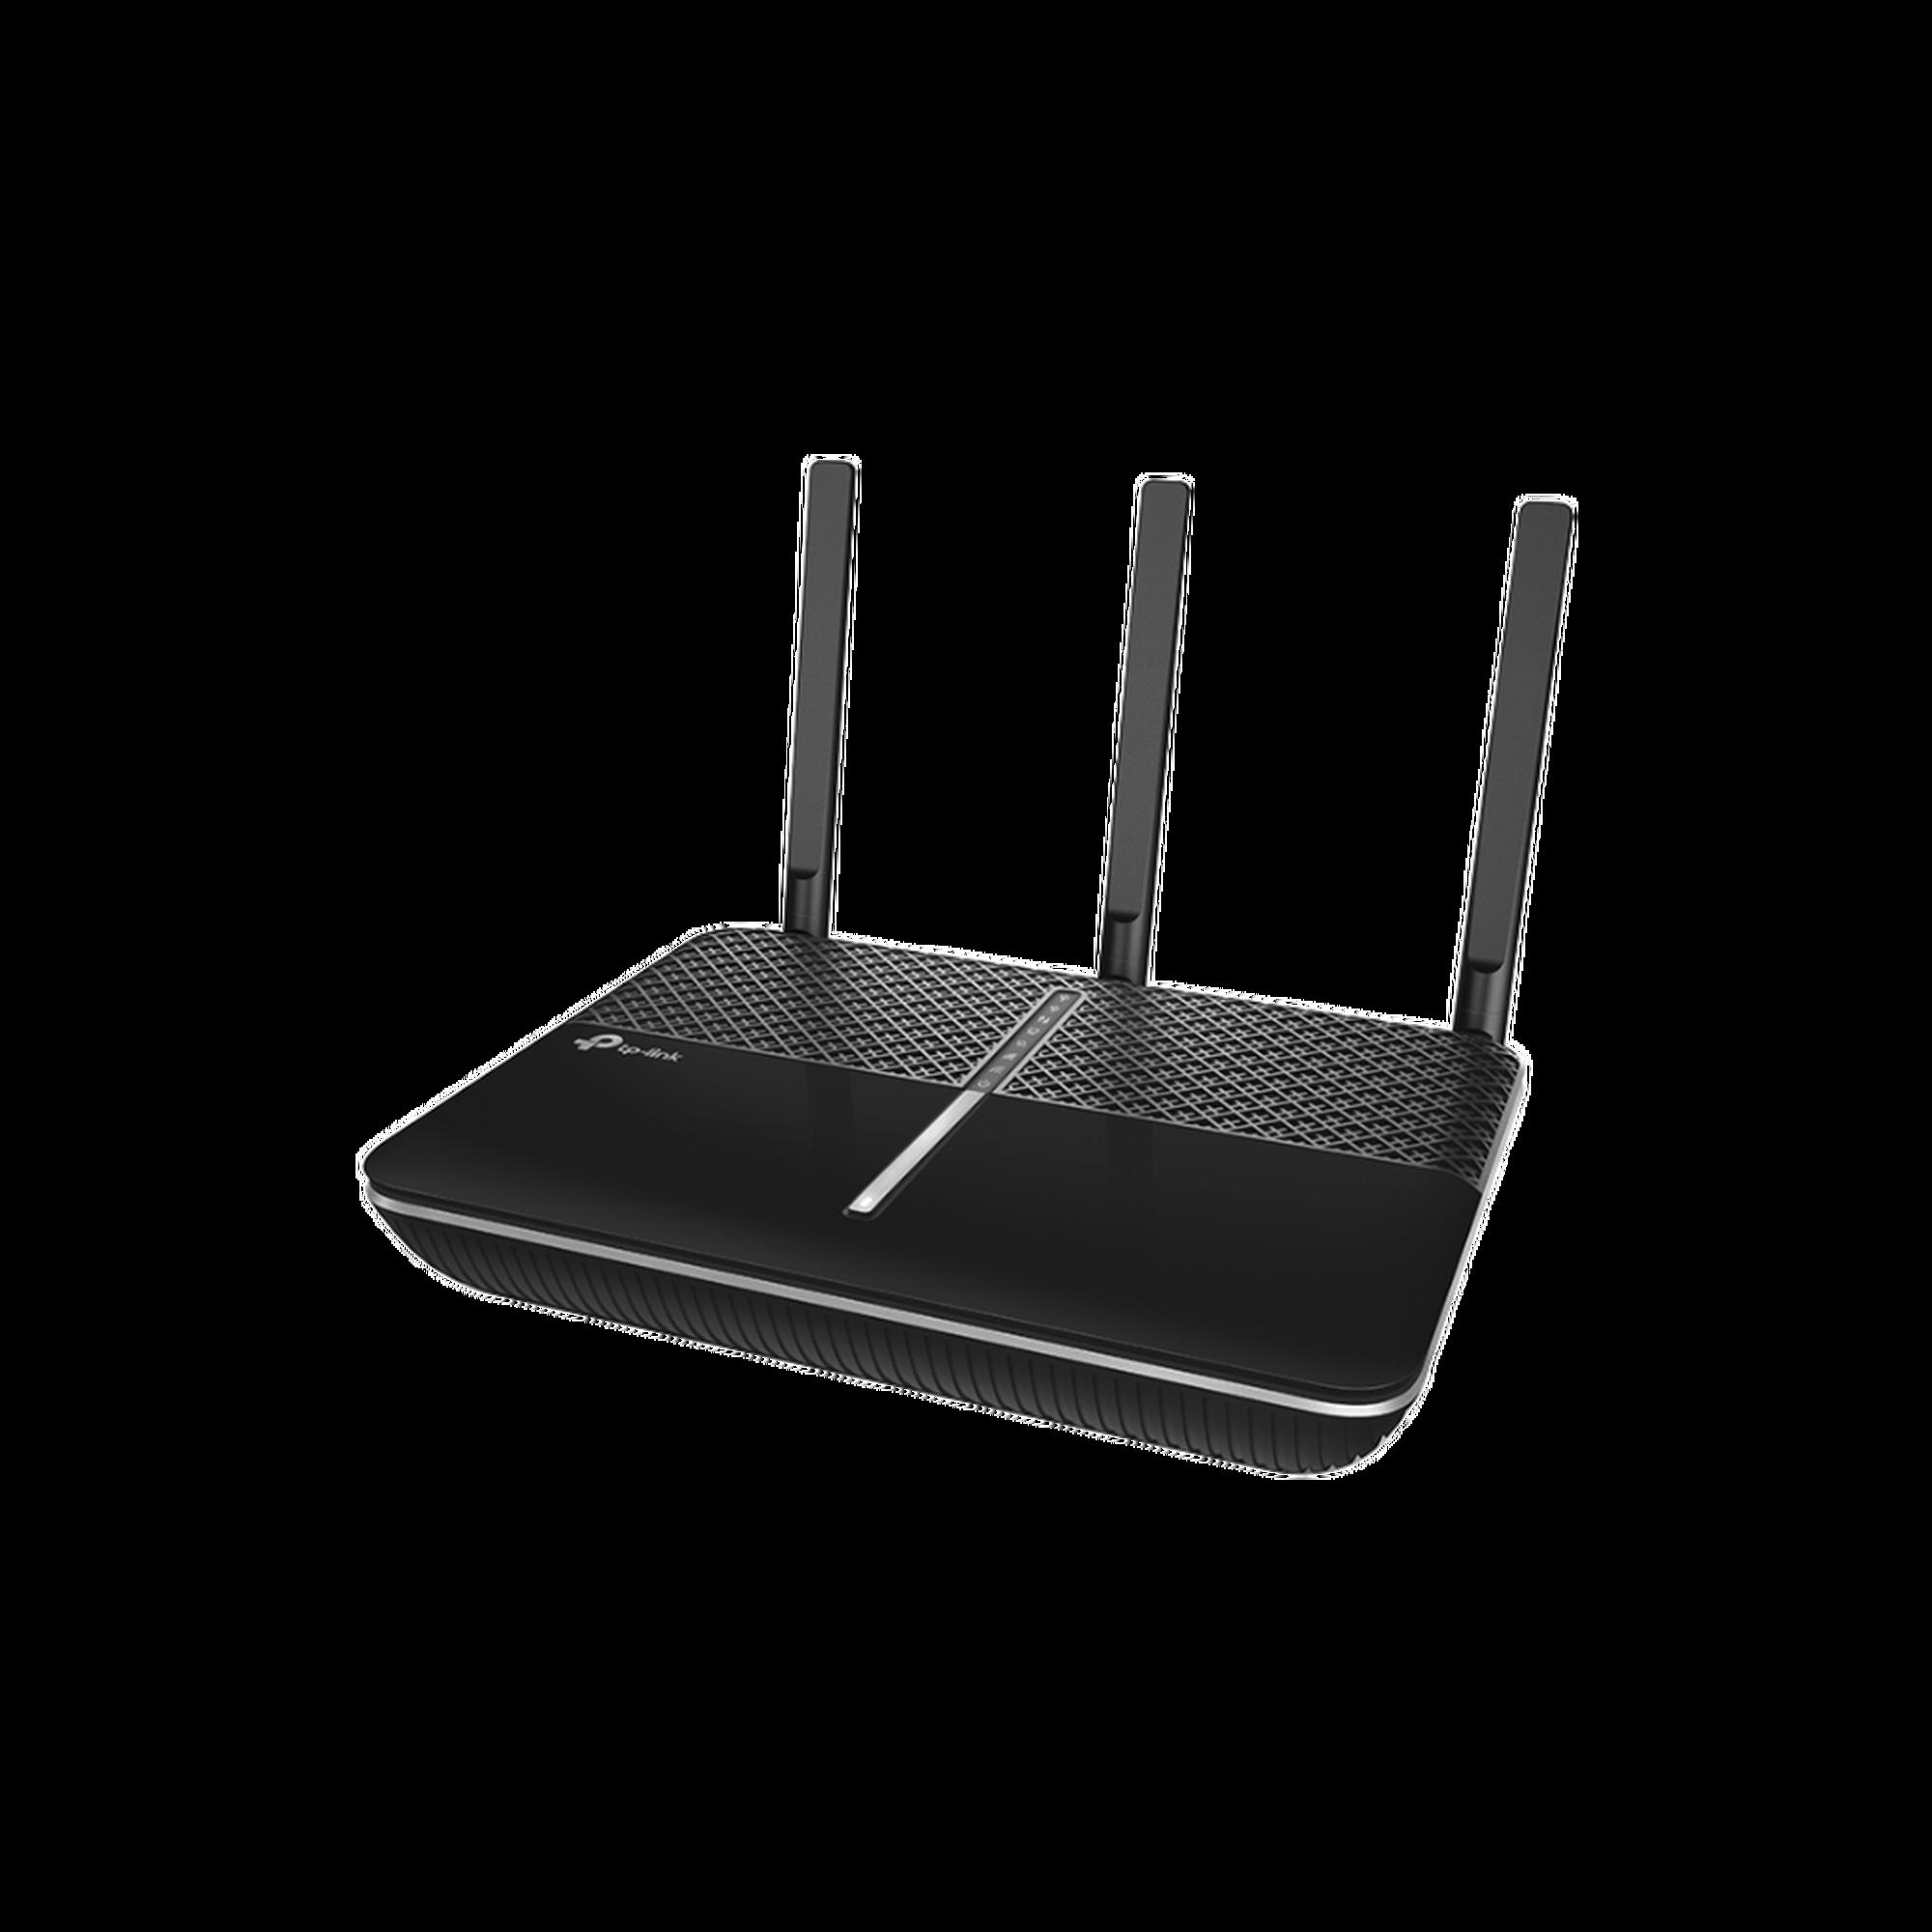 Router inalámbrico AC 2300 doble banda 1 puerto WAN 10/100/1000 Mbps y 4 puertos LAN 10/100/1000 Mbps, 1 puerto USB 3.0 y 1 puerto USB 2.0